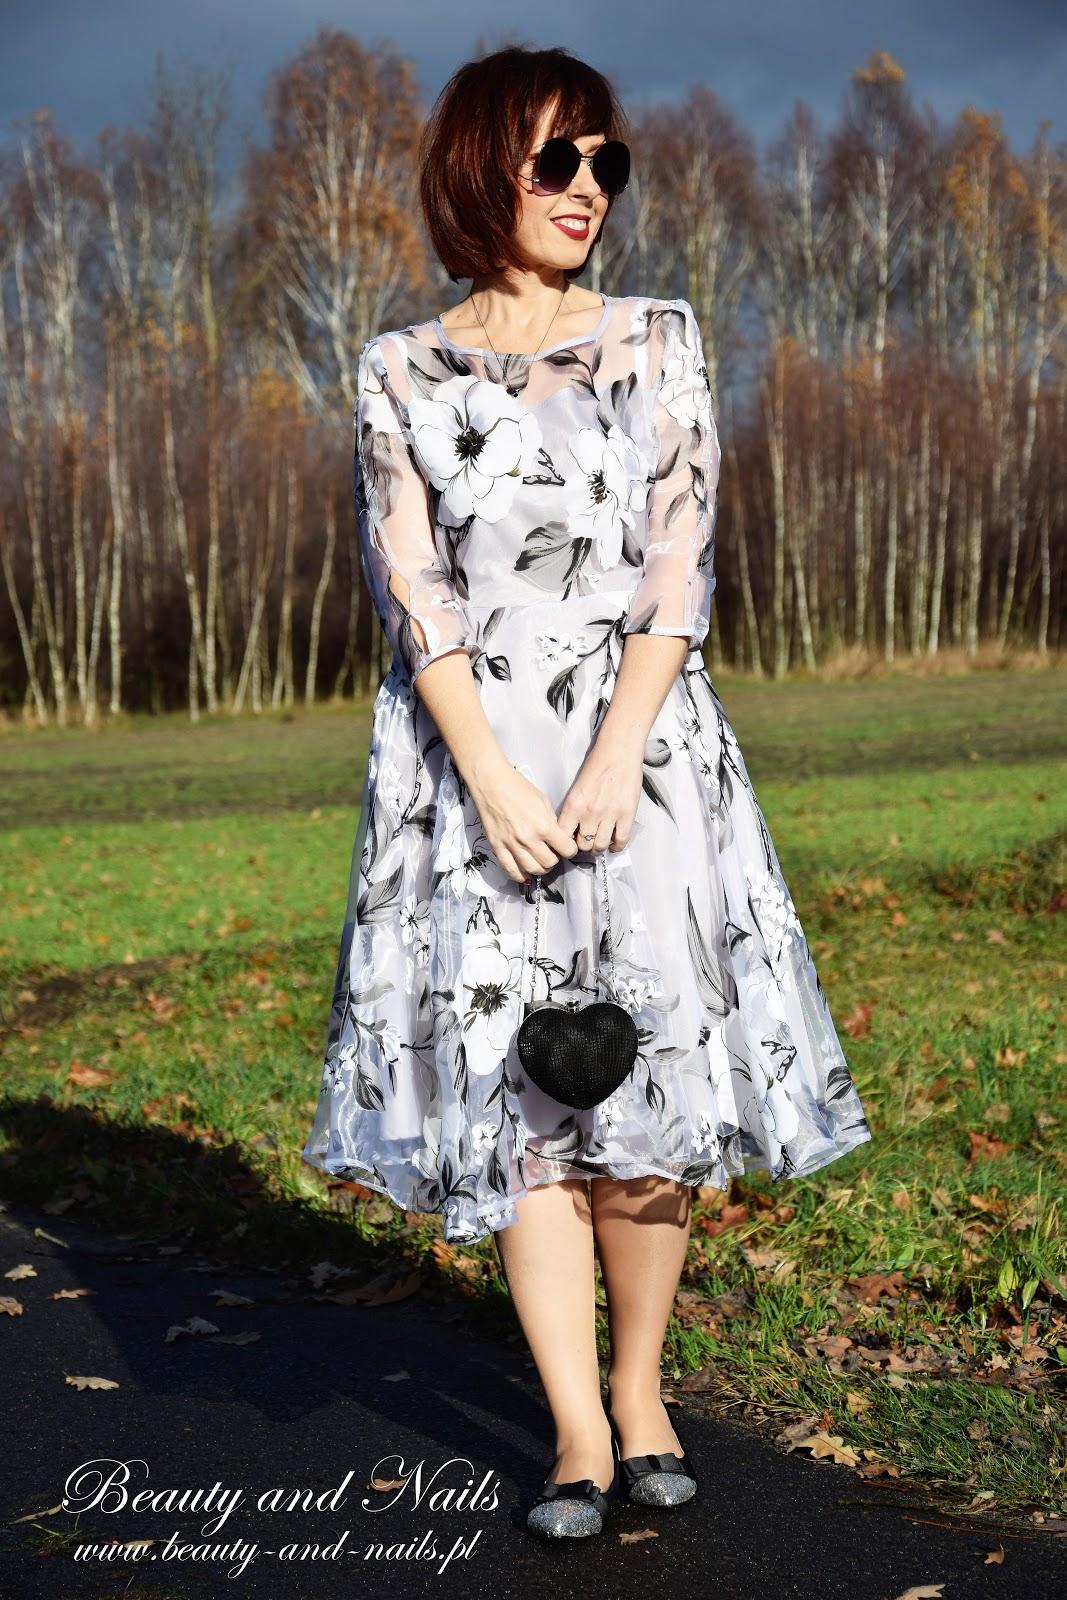 cb211b47a076c ... z tych eleganckich, więc idąc na wesela, czy jakieś przyjęcia  okolicznościowe spokojnie możemy ją założyć :) Ta sukienka pochodzi ze  sklepu FashionMia.